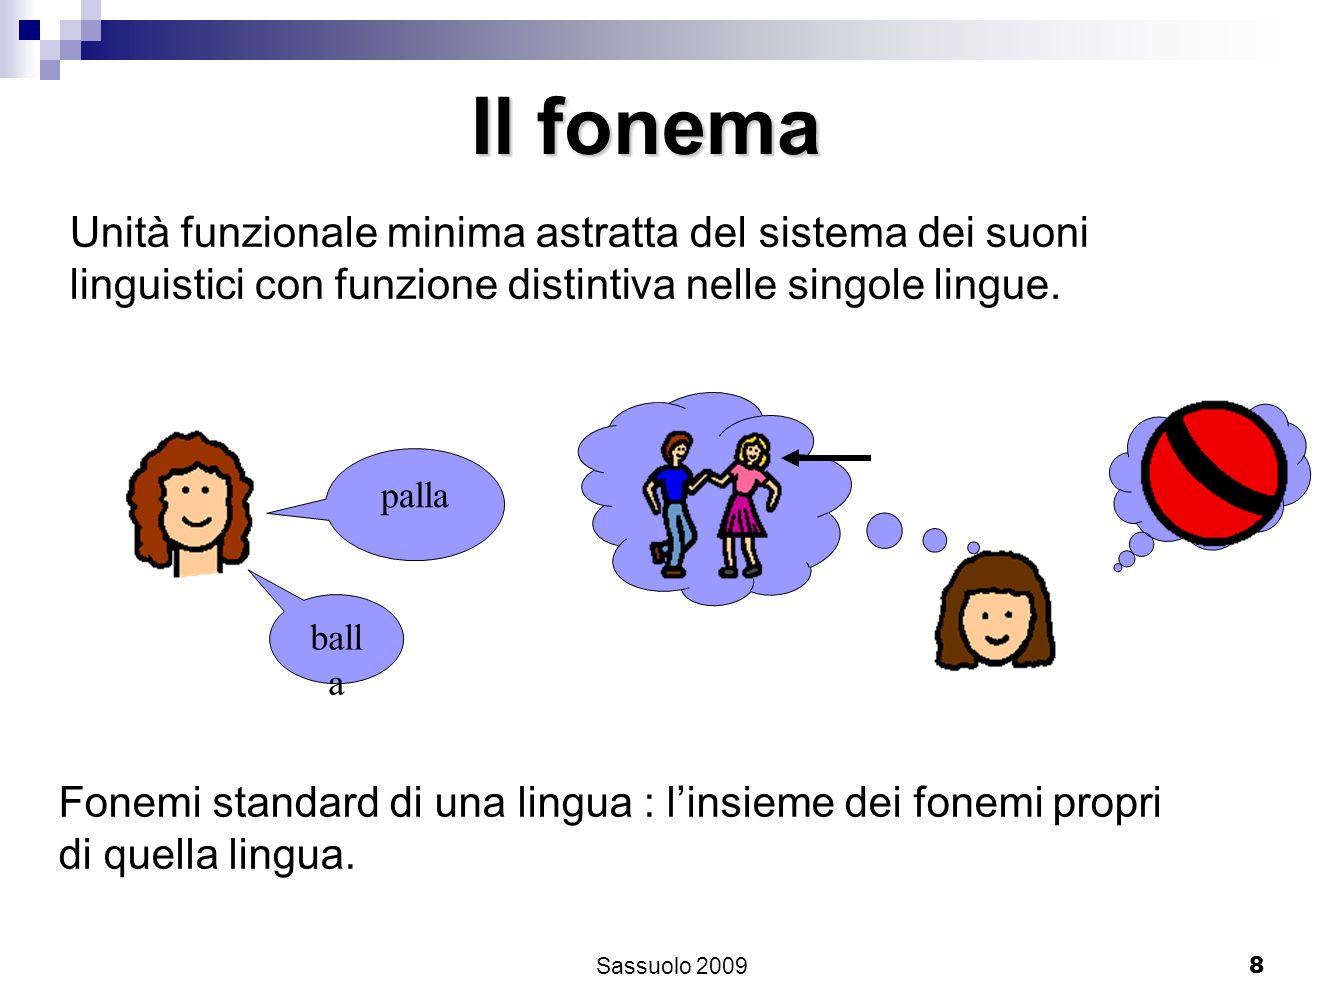 8 Il fonema Unità funzionale minima astratta del sistema dei suoni linguistici con funzione distintiva nelle singole lingue. palla ball a Fonemi stand